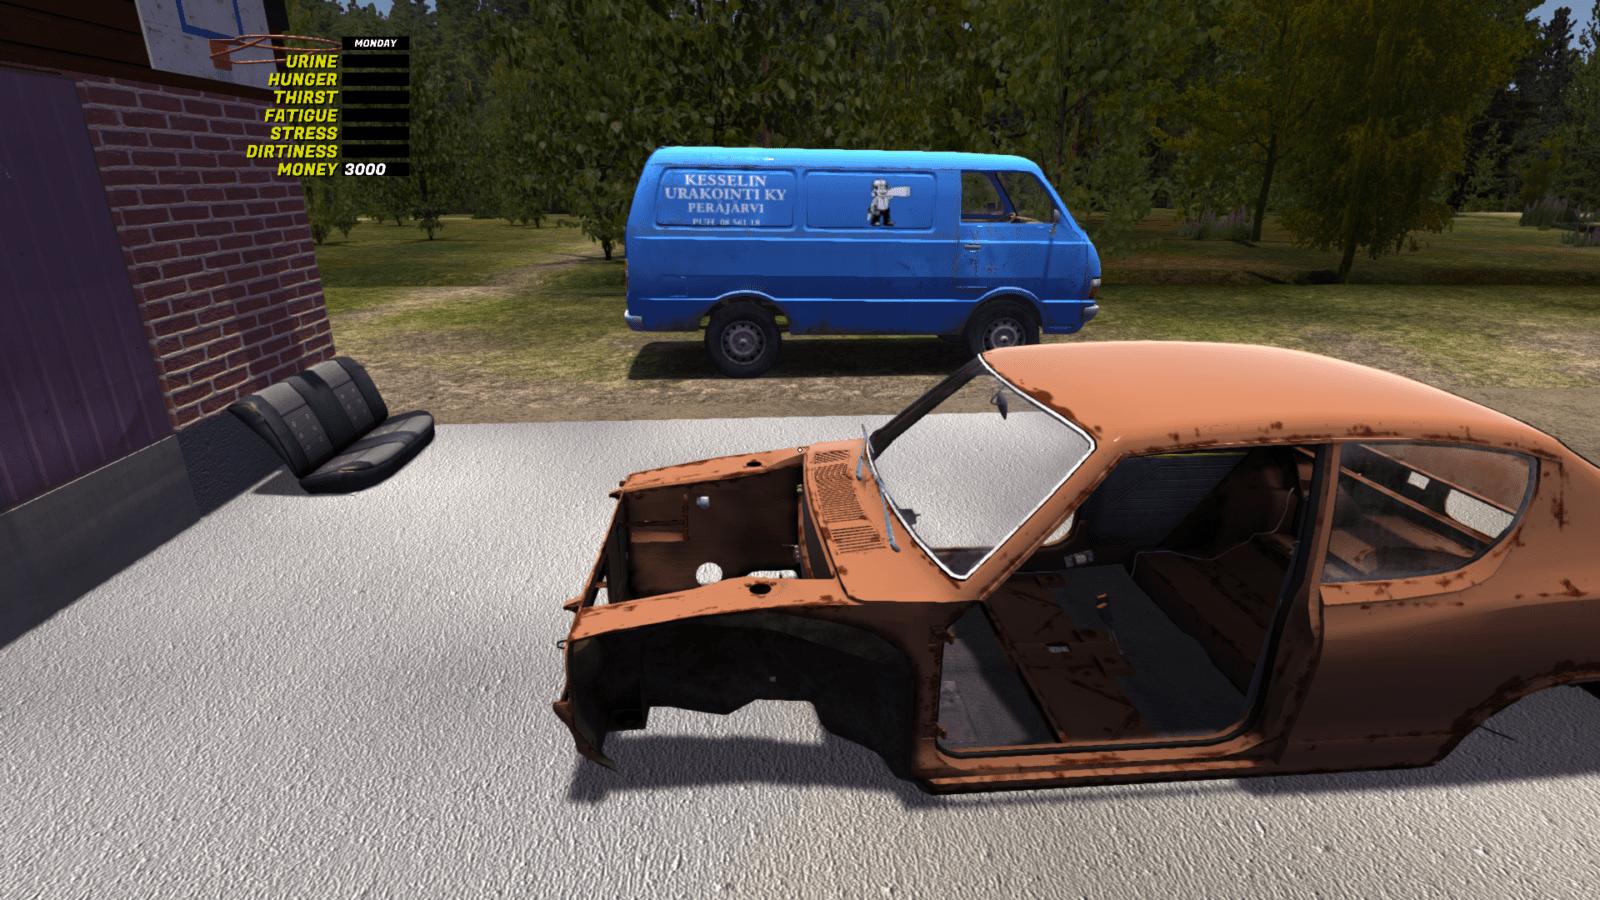 Обзор My summer car - автосимулятор на PC, где ремонтируют машину